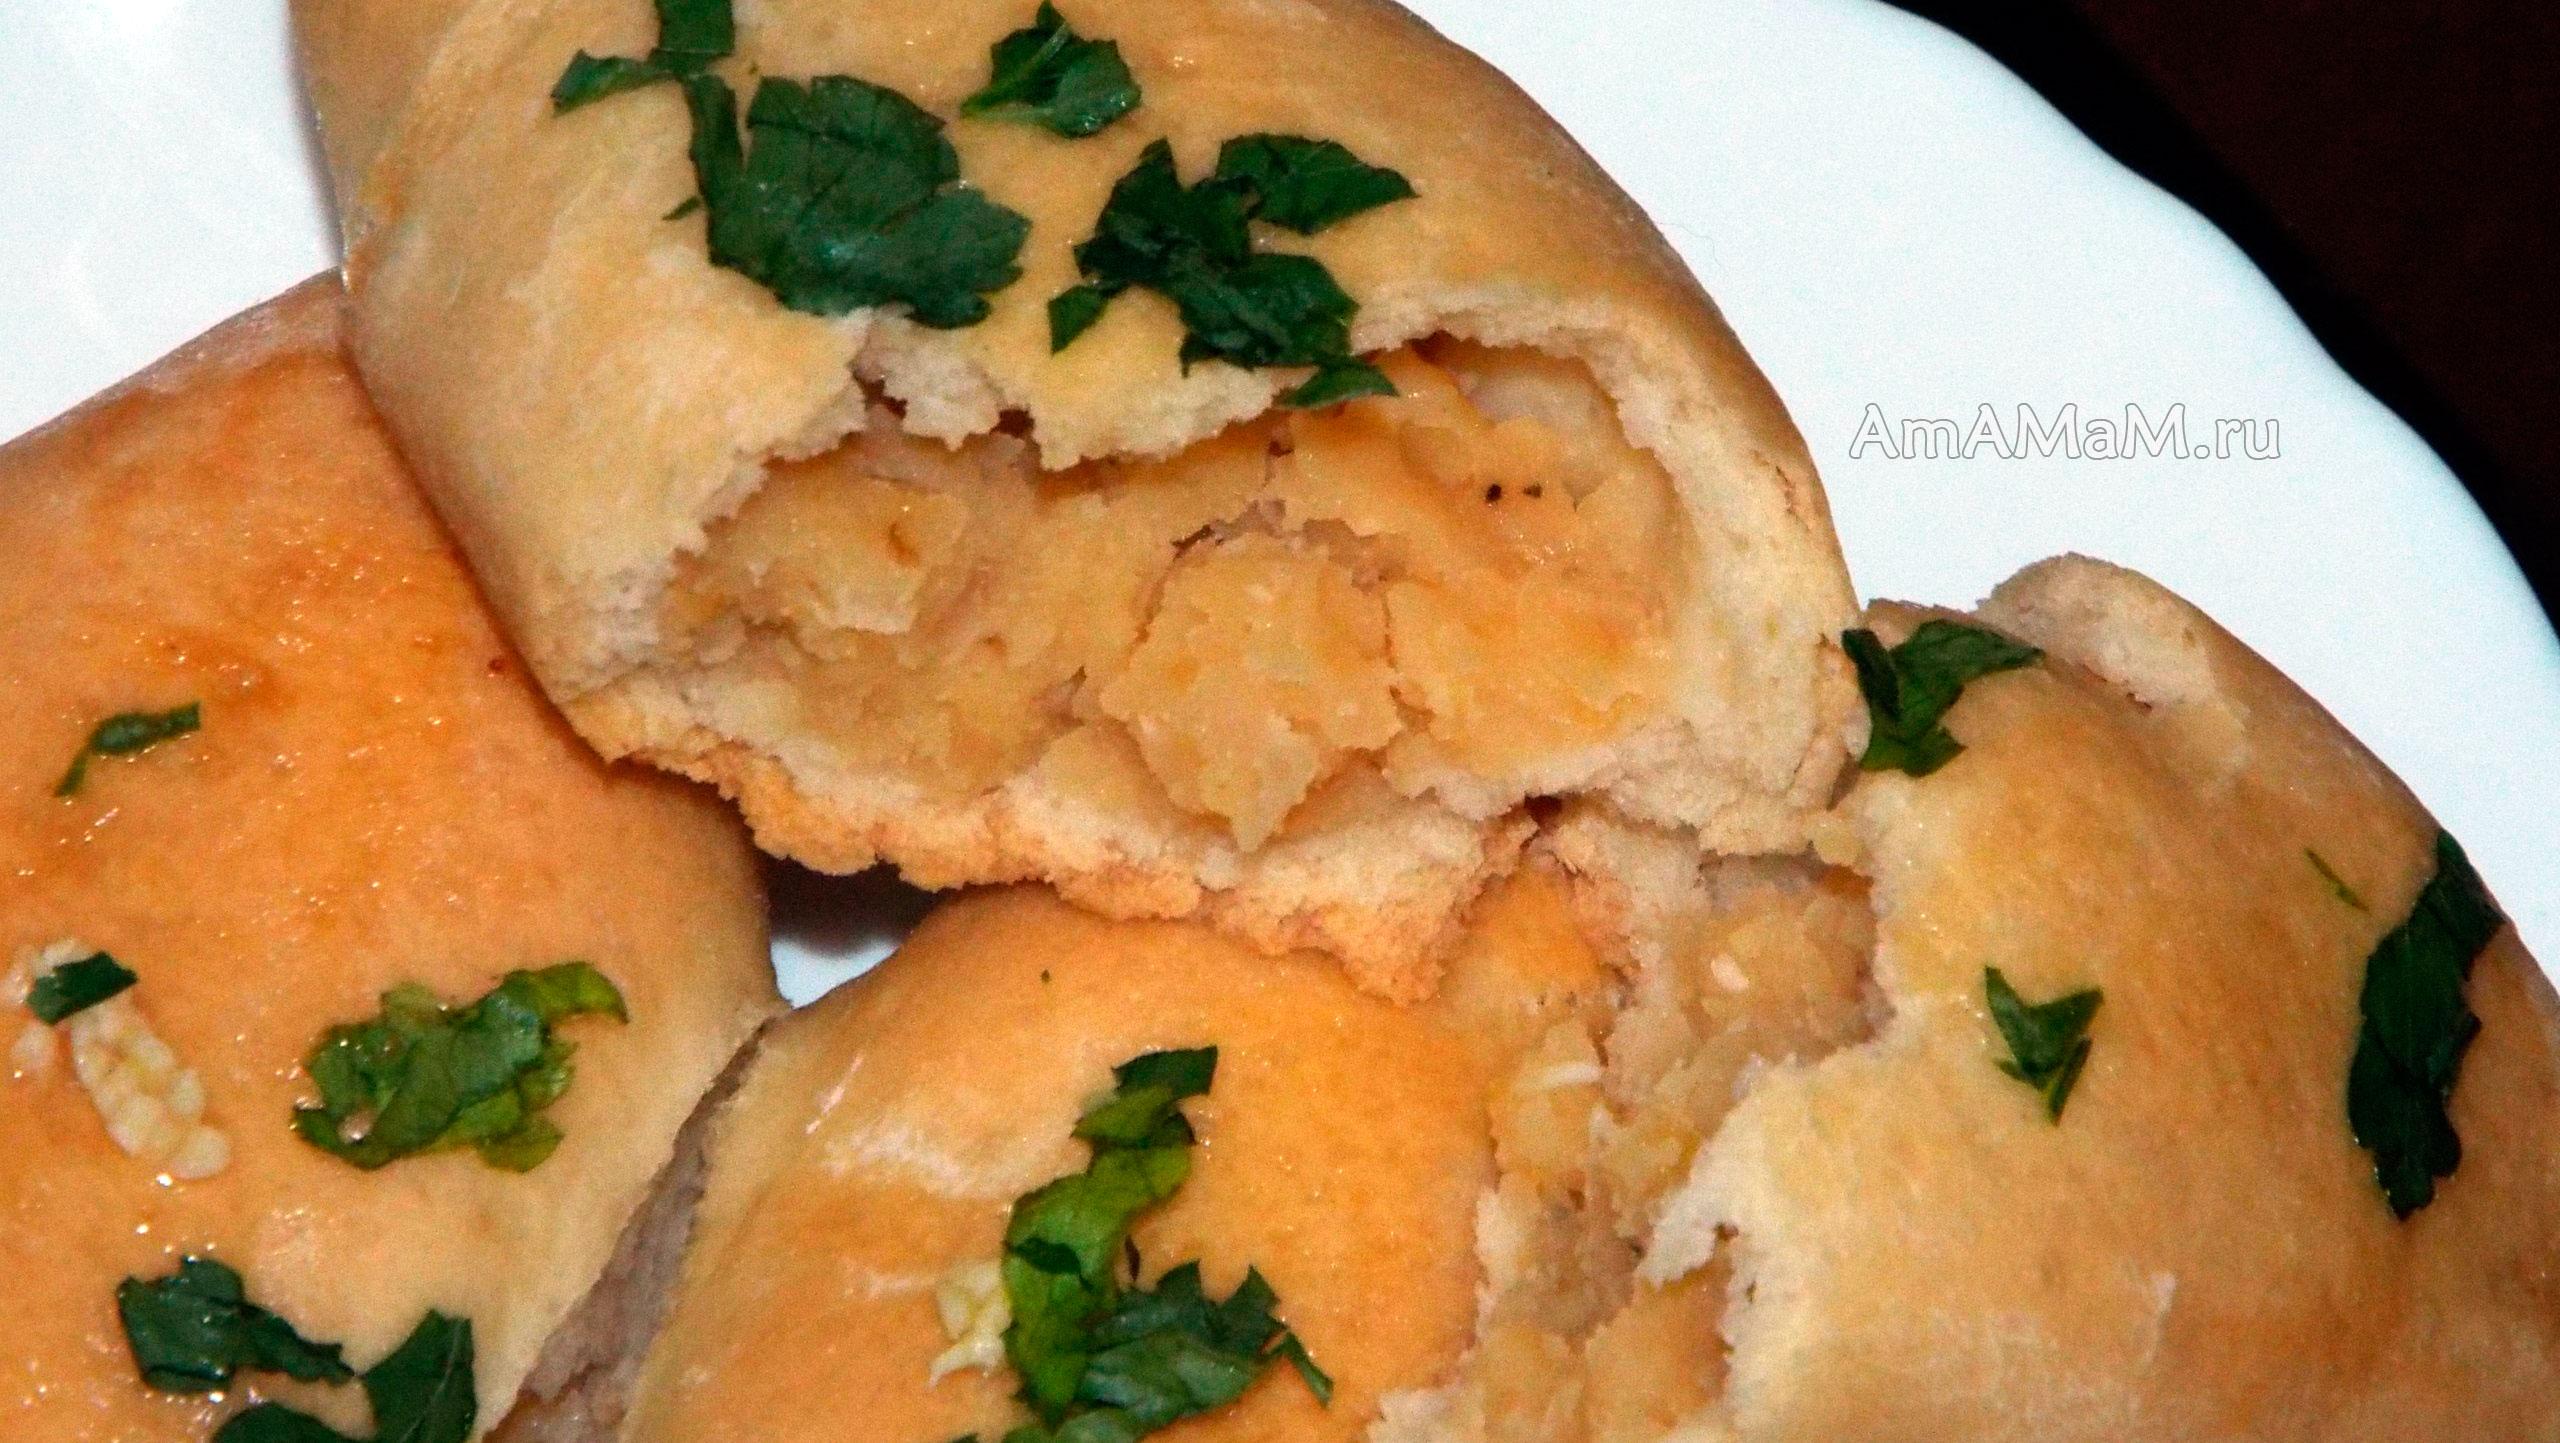 Пироги с горохом рецепт